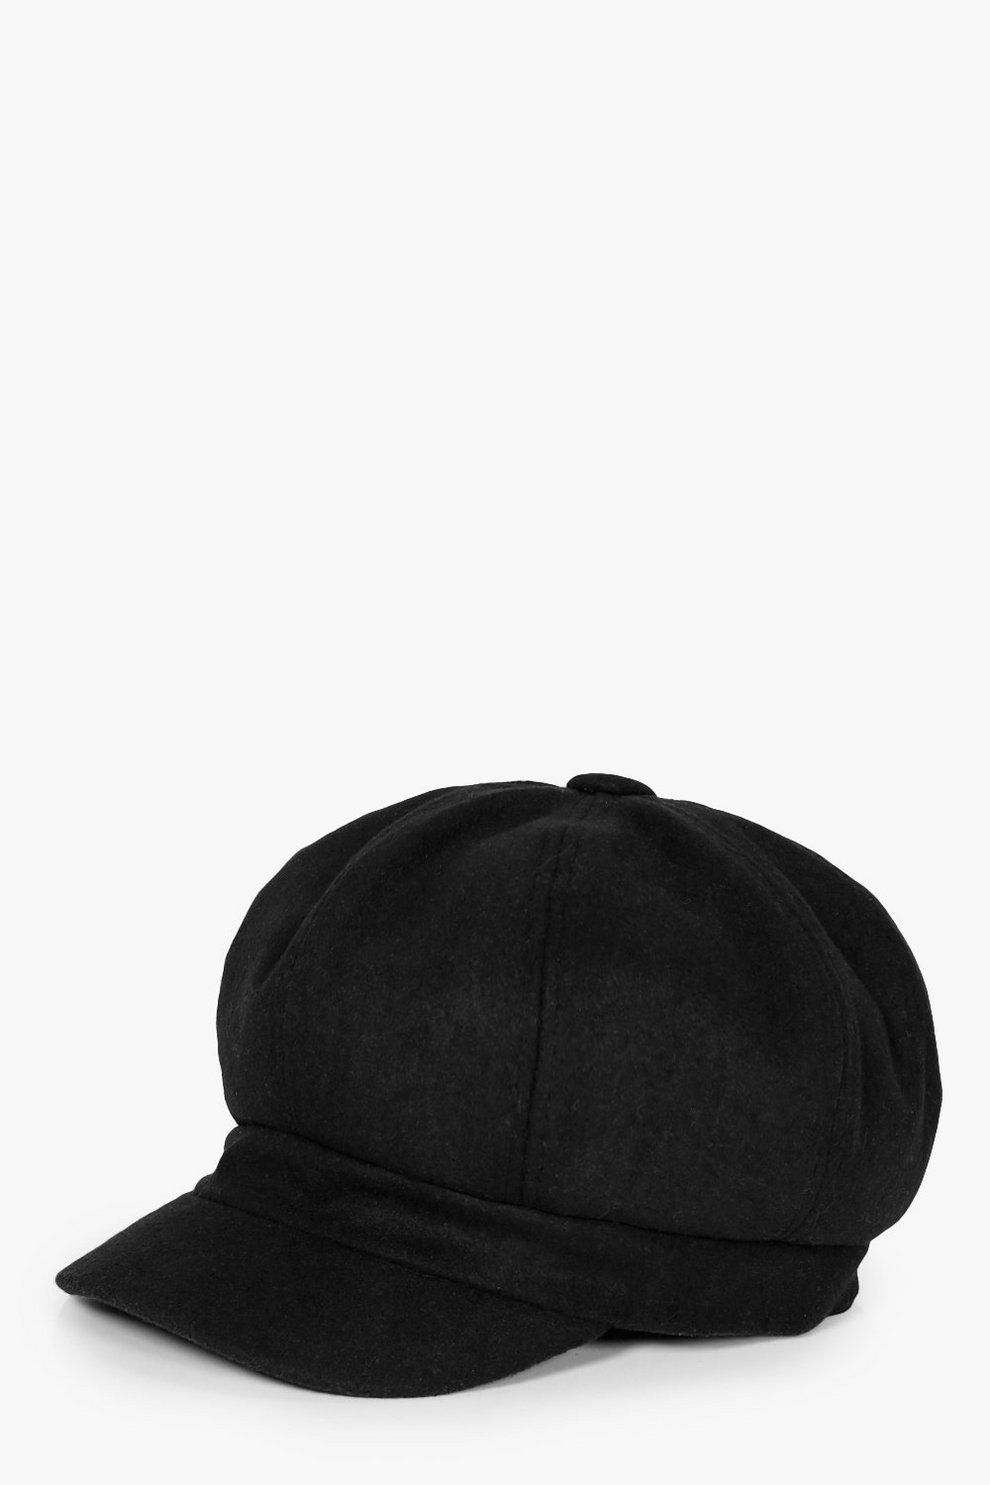 Amelie Cotton Baker Boy  240008c4c01